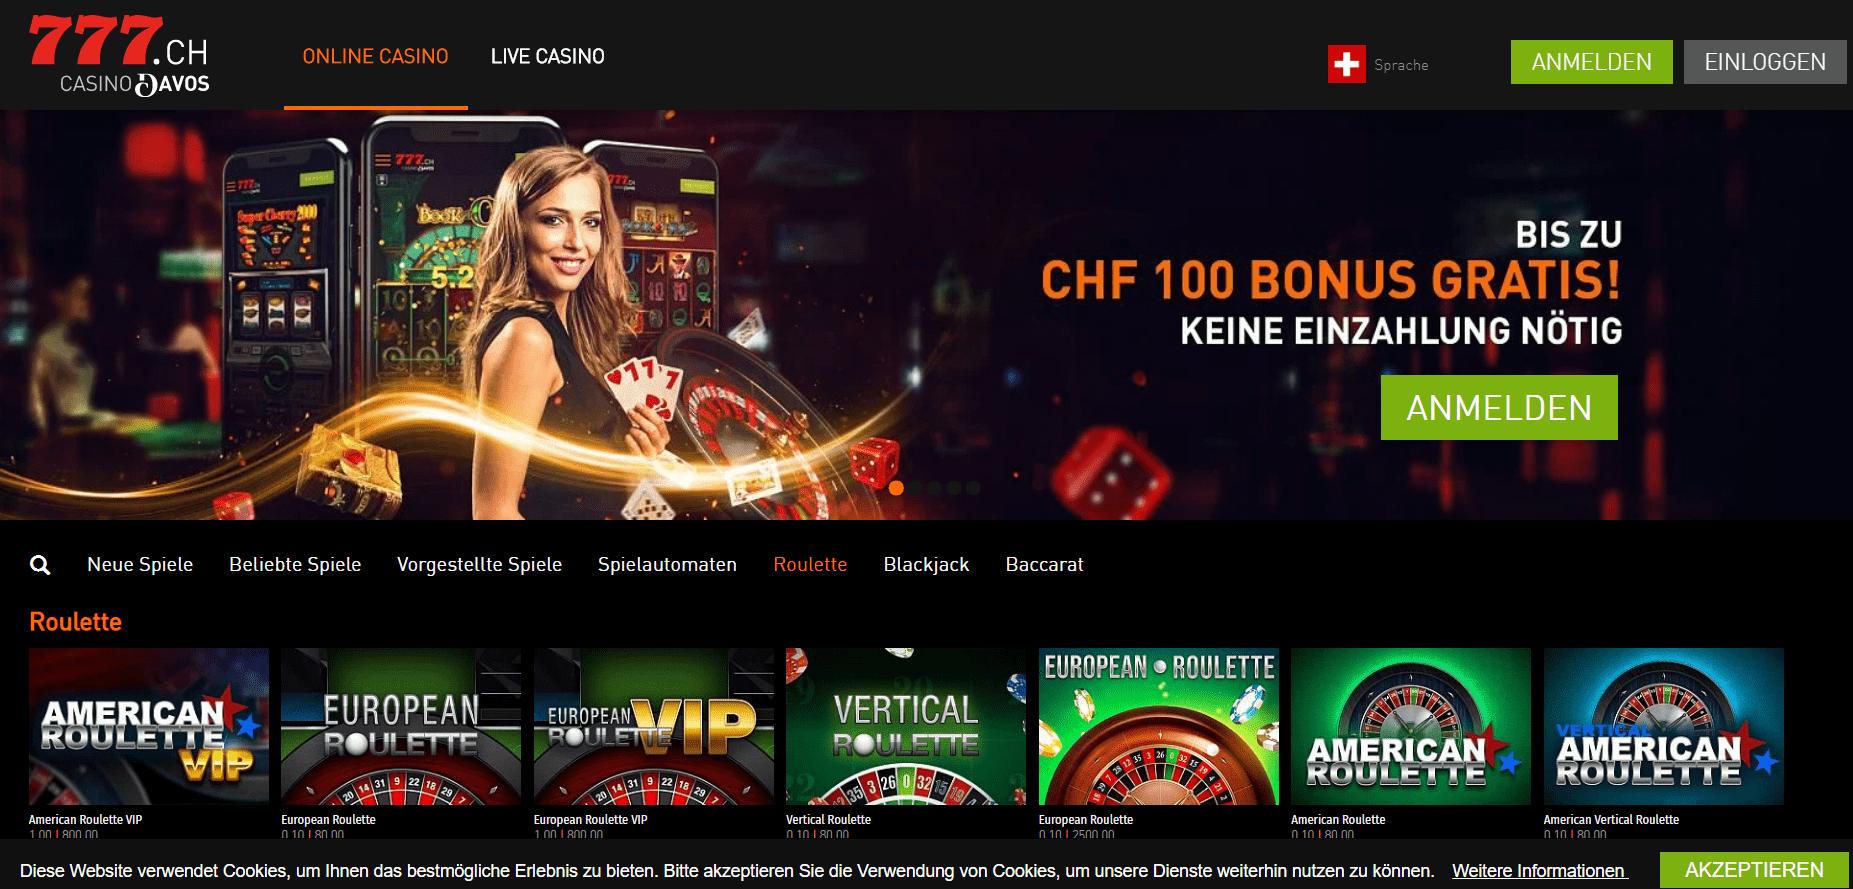 Roueltte casino777